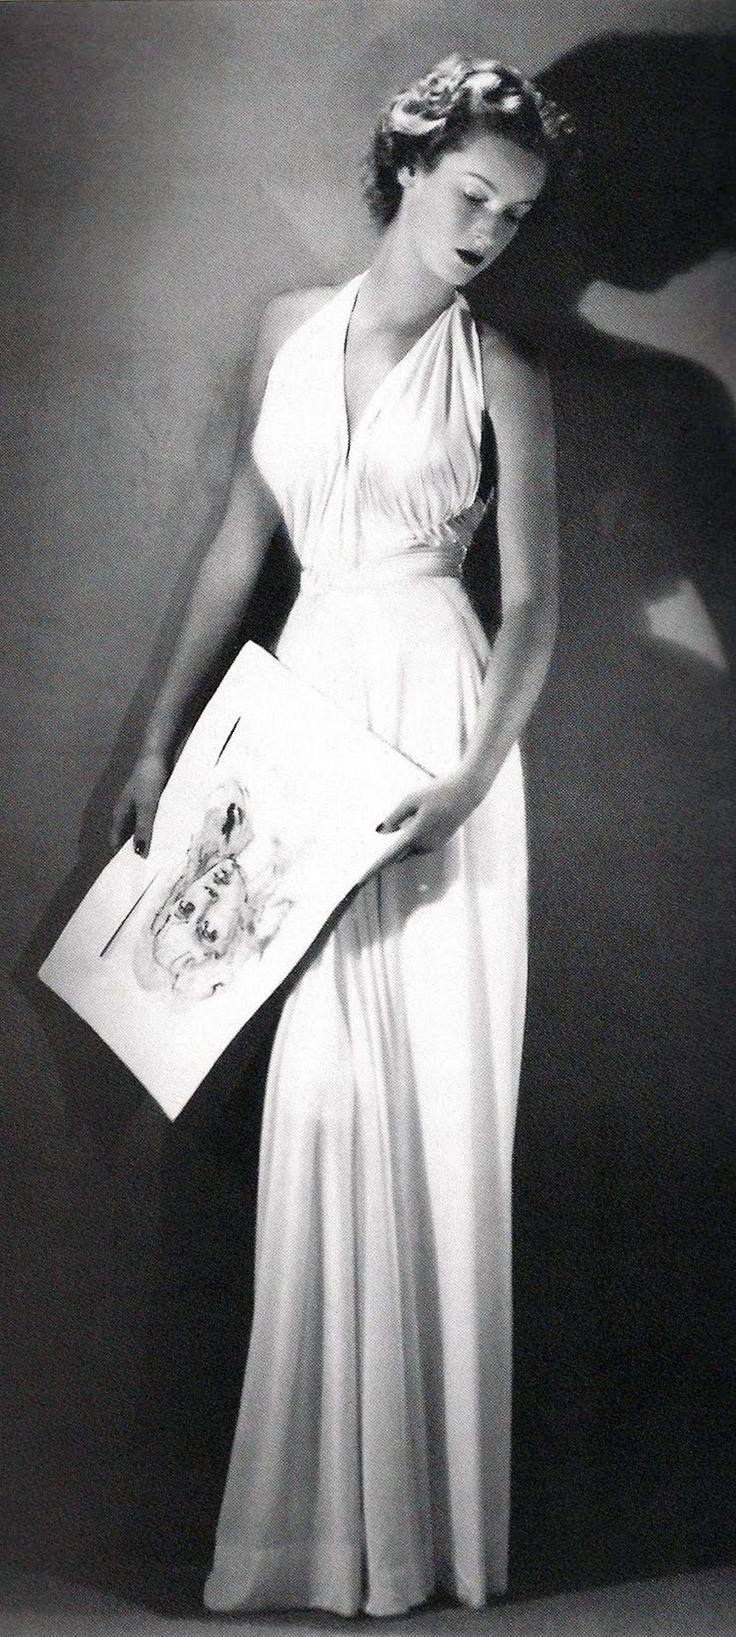 1940's fashion - Marella Caracciolo Agnelli, in Federico Forquet, 1945, Vogue, Marella Agnelli, Photo by Arturo Ghergo